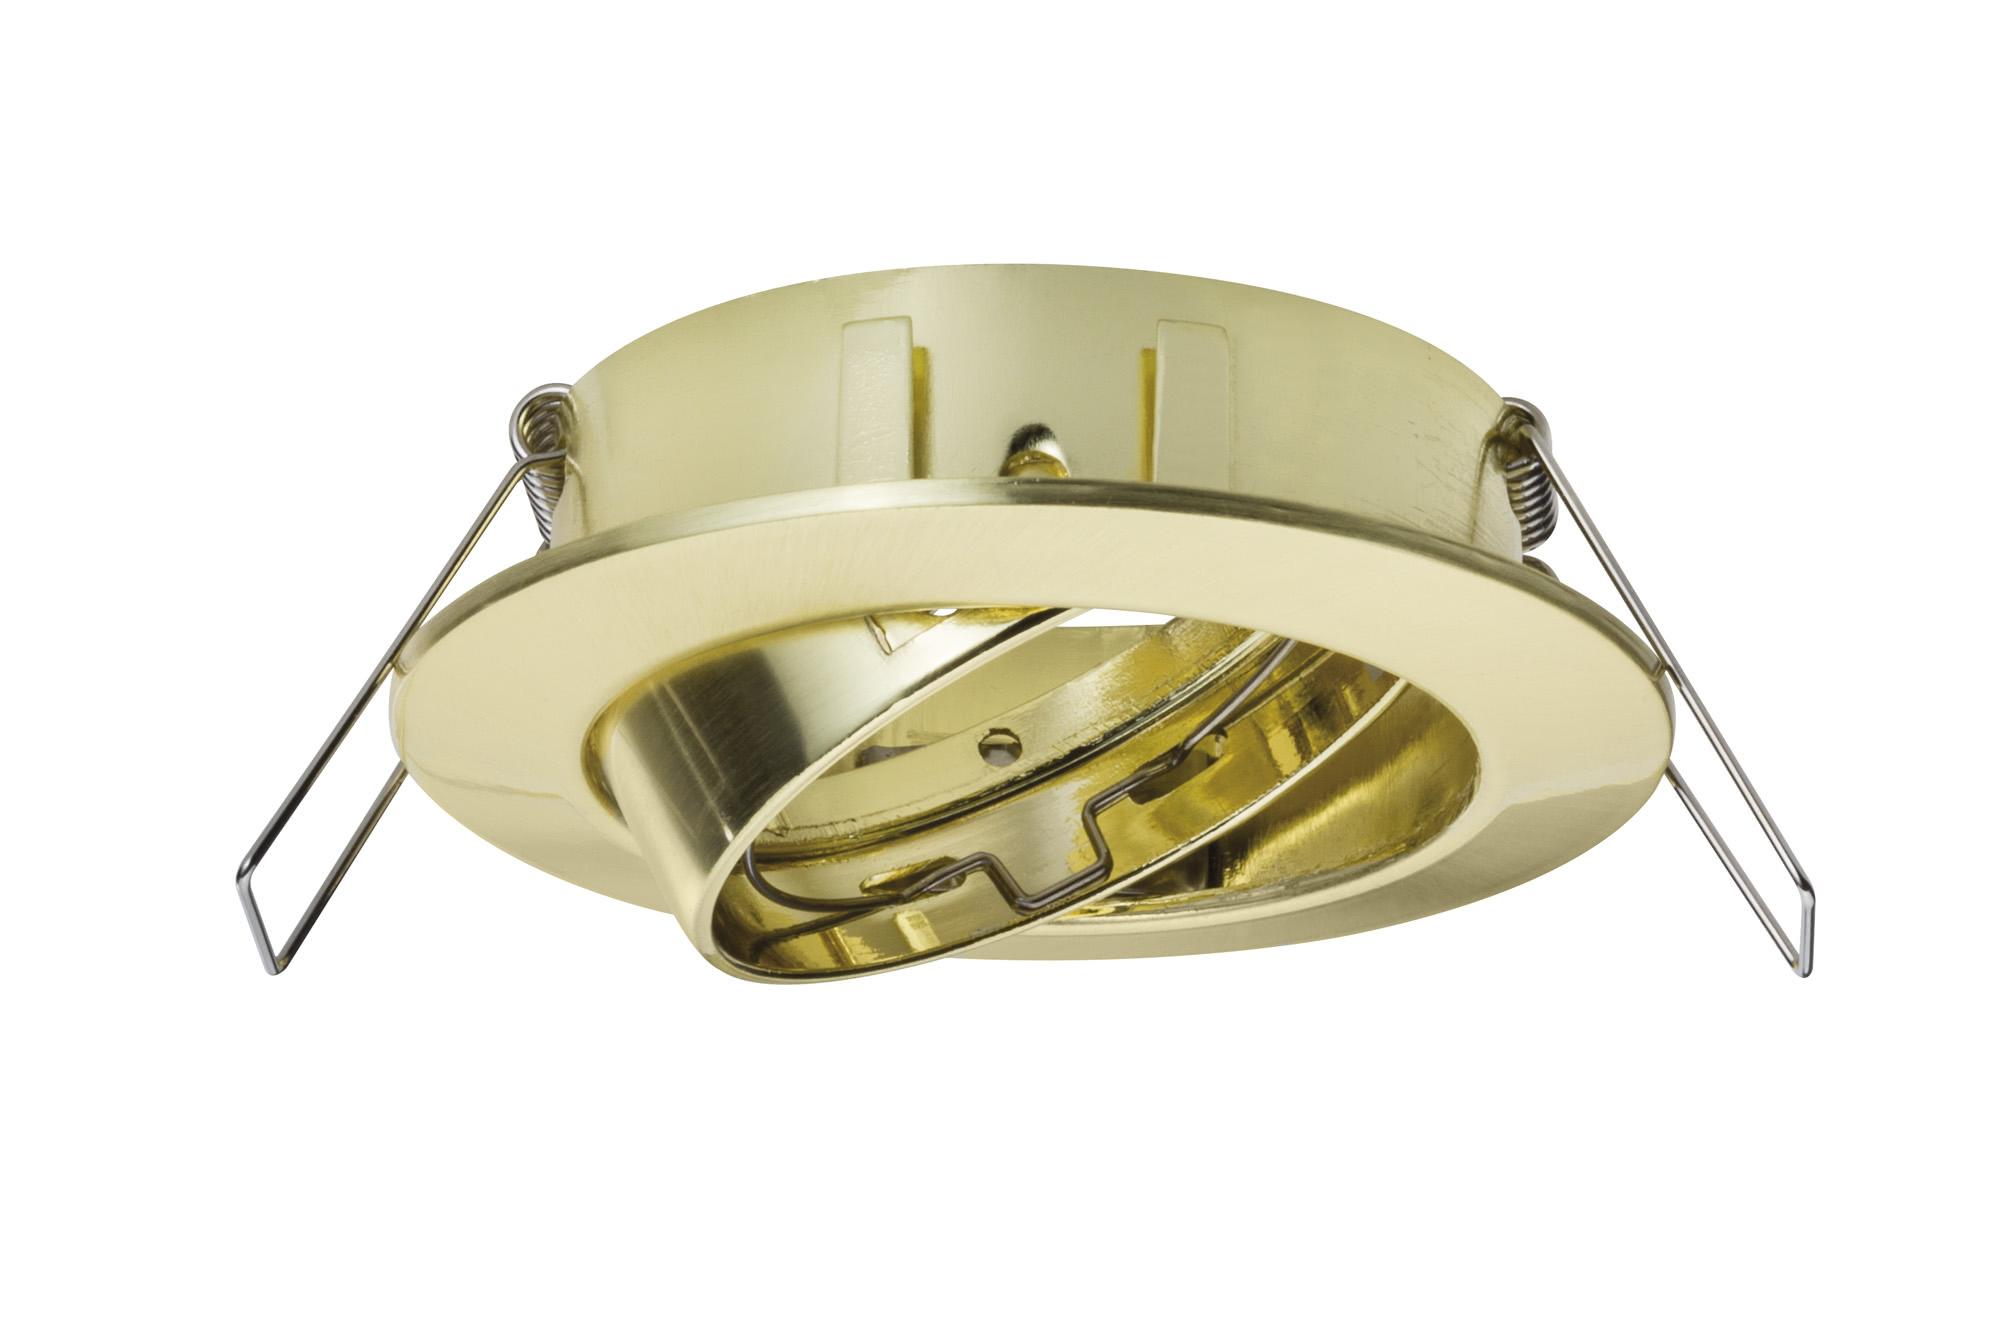 Paulmann. 92617 Комплект светильников Premium EBL 3er Spot schw Ms-g